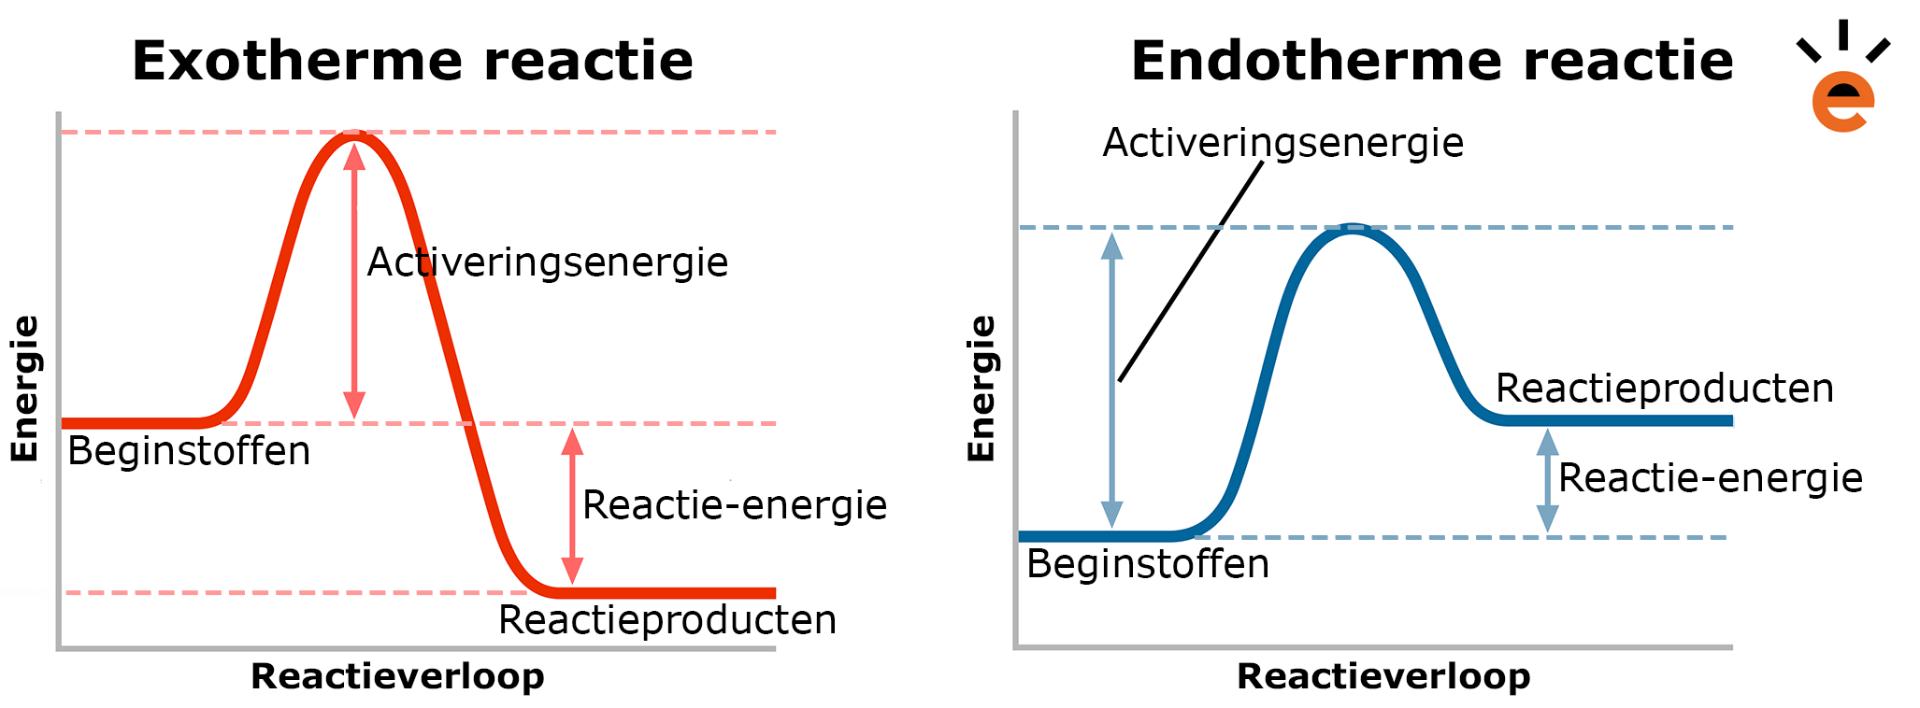 Endotherme en Exotherme Reacties Wat Zijn Dat Uitleg